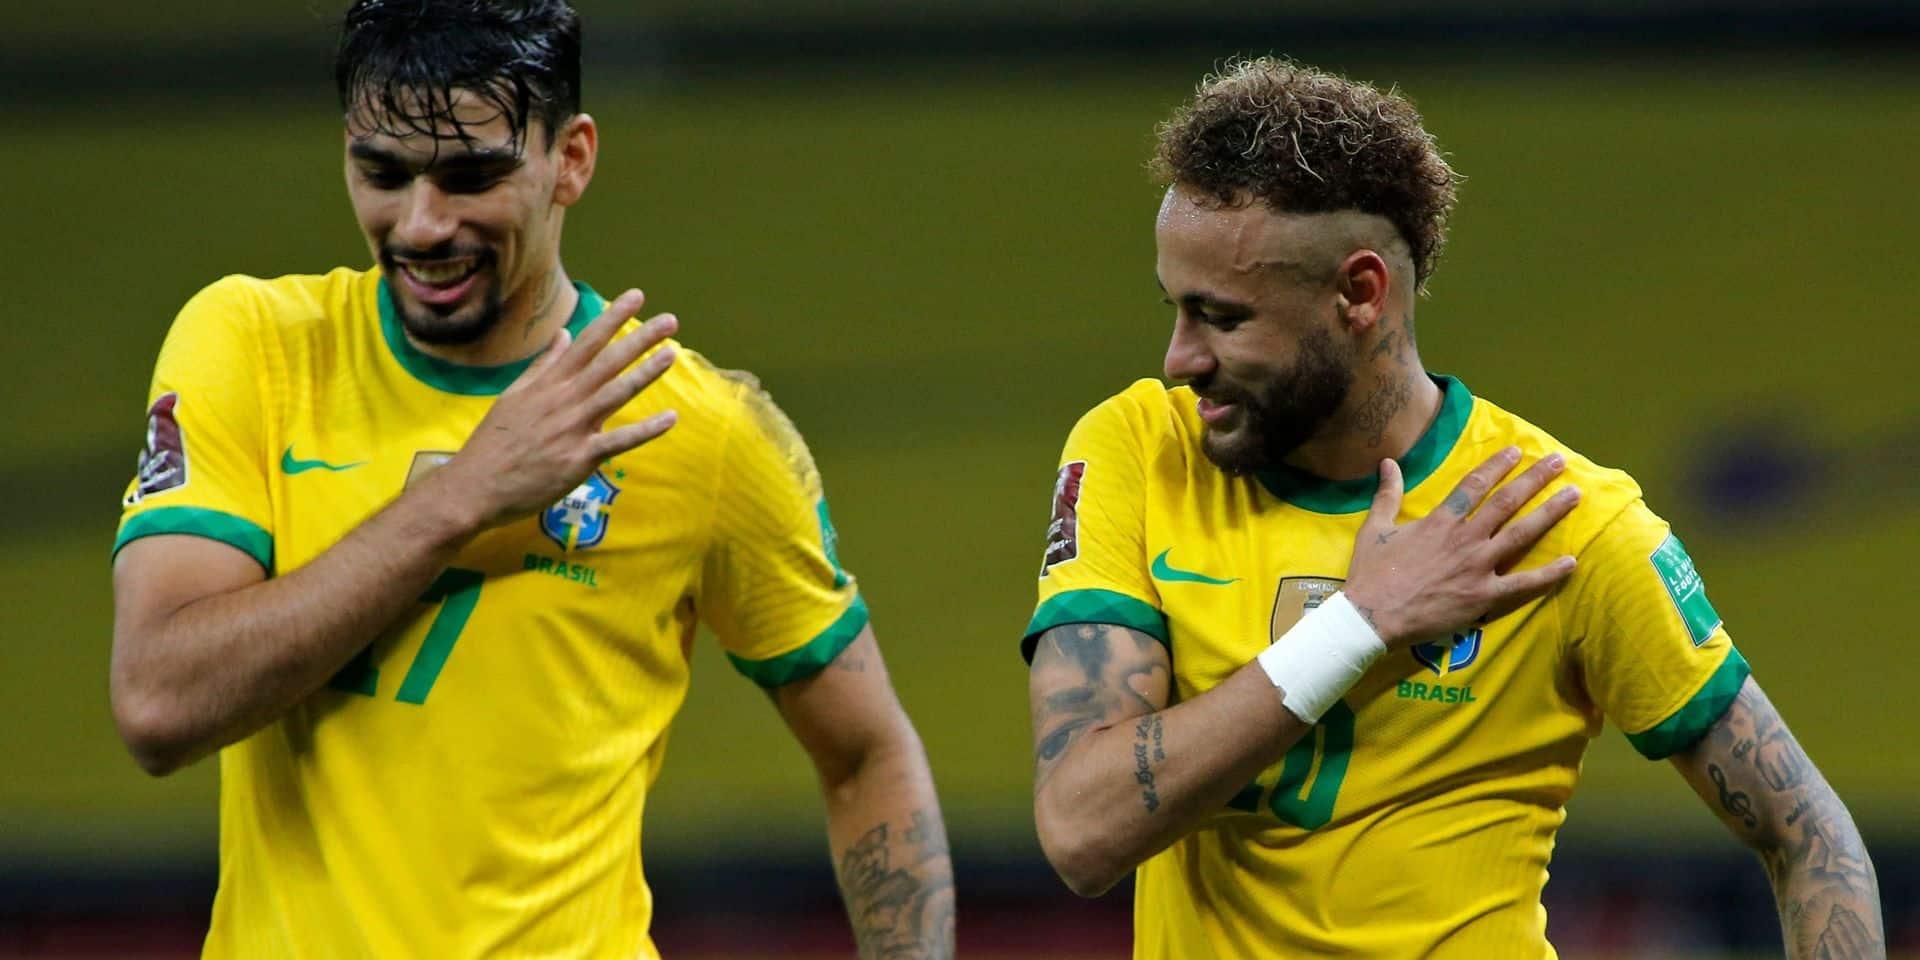 Mondial-2022: le Brésil vainqueur, Neymar buteur et passeur